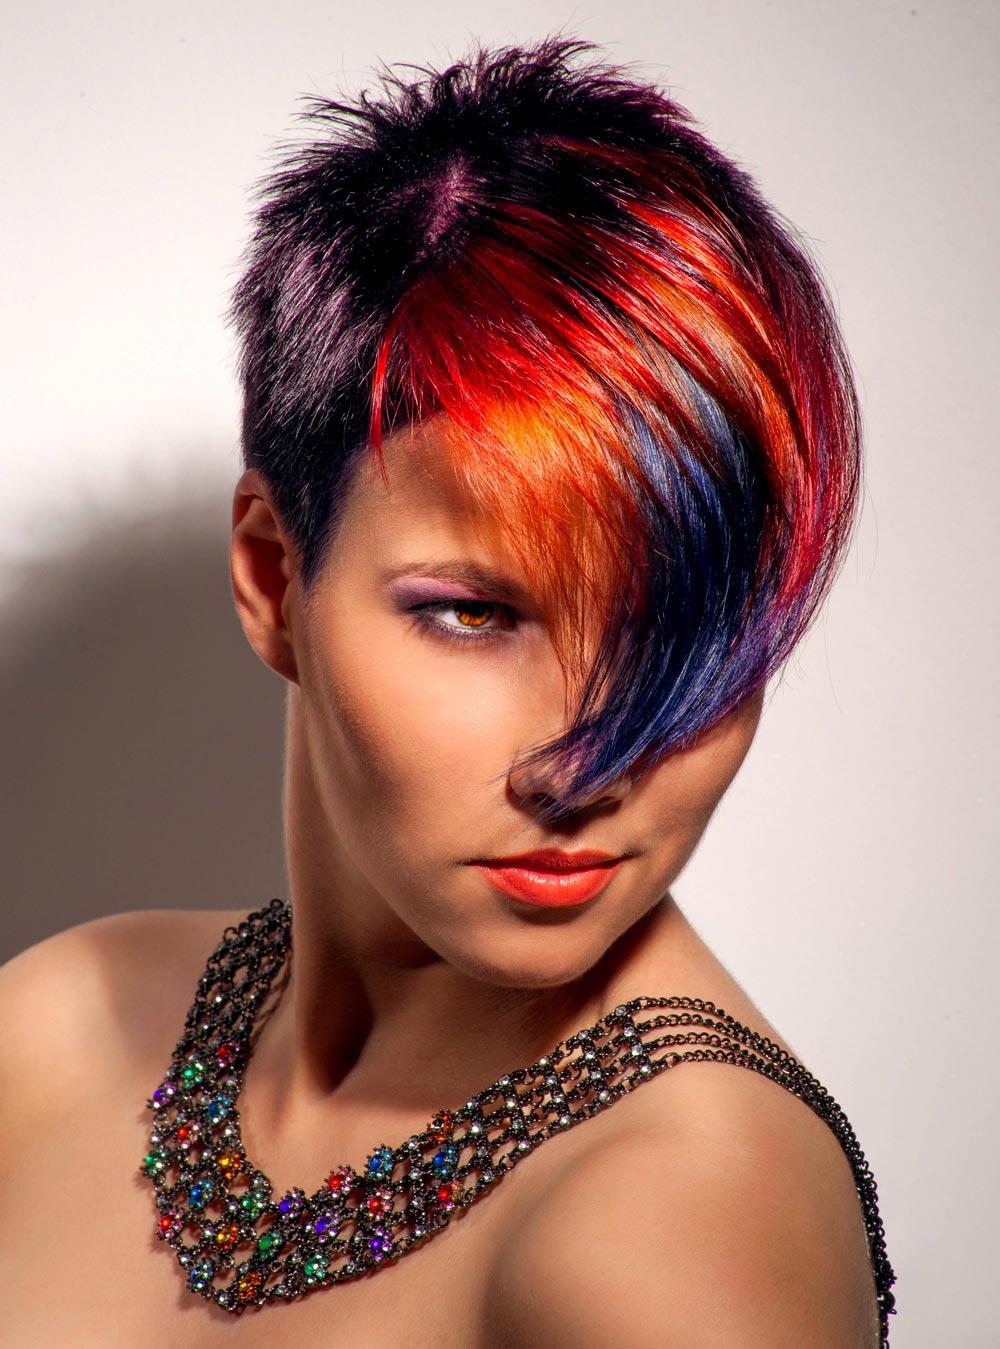 Coole Undercut Frisur mit roten Strähnen | Frisuren mit ...